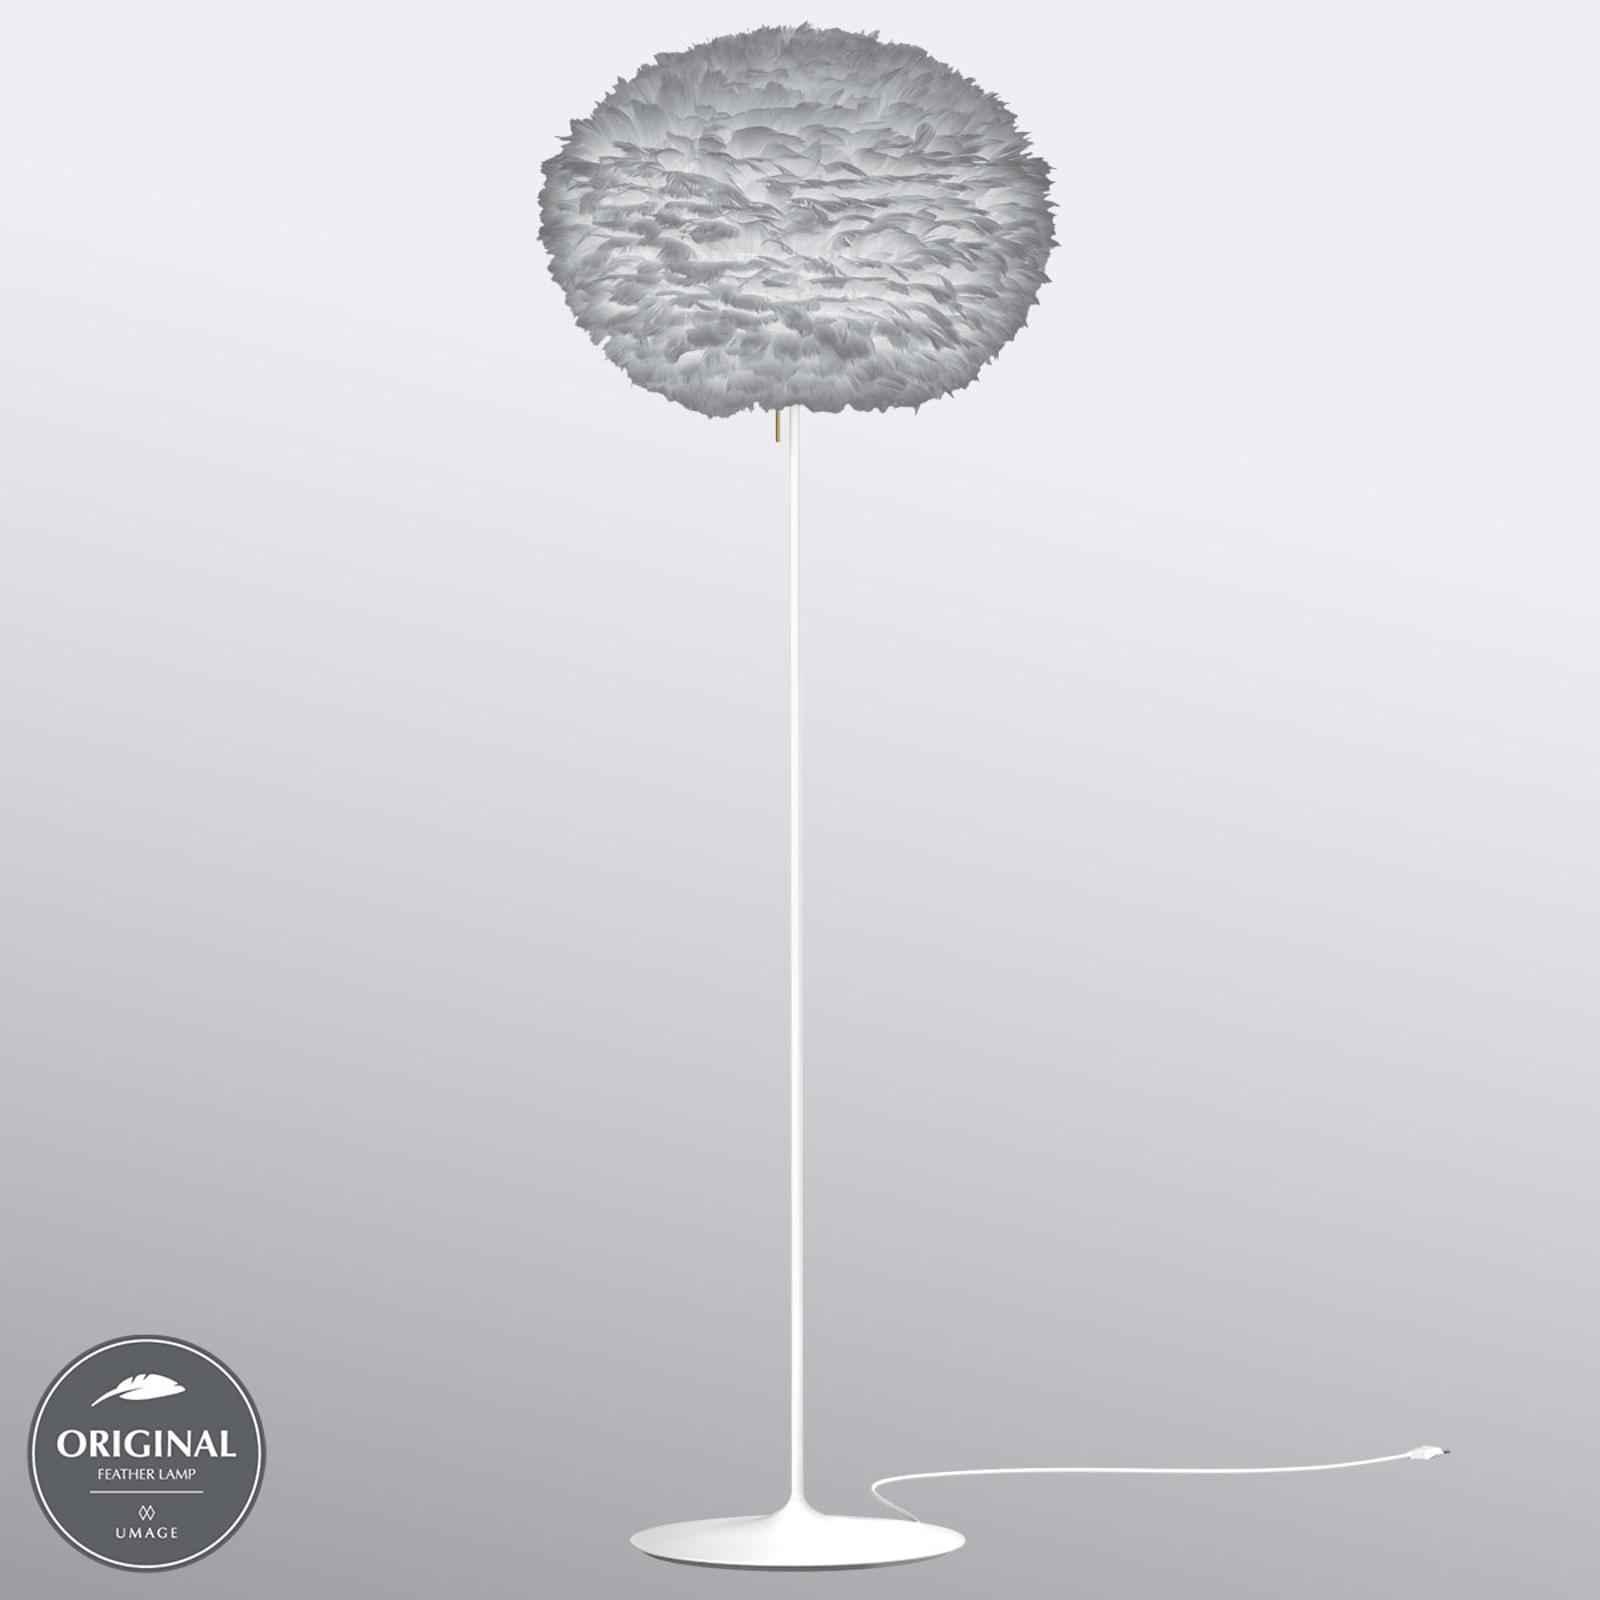 Lysegrå skærm i gåsefjer - standerlampe Eos large